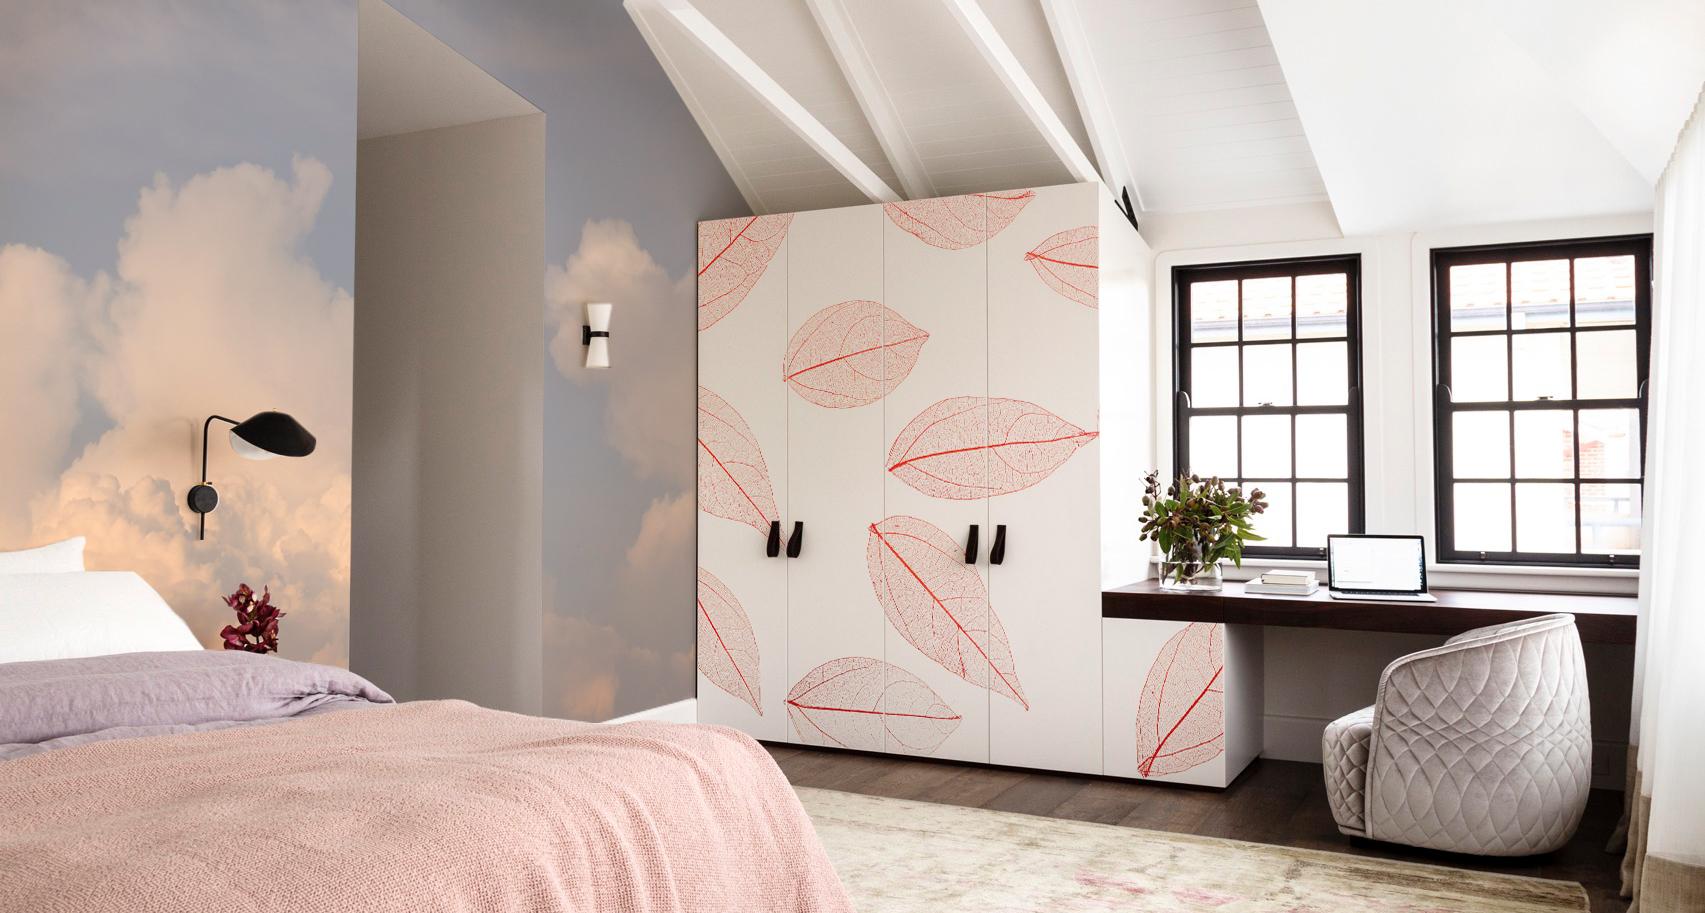 Peaceful Bedroom • Scandinavian - Bedroom - Nature - Flowers and plants - Wall Murals - Stickers